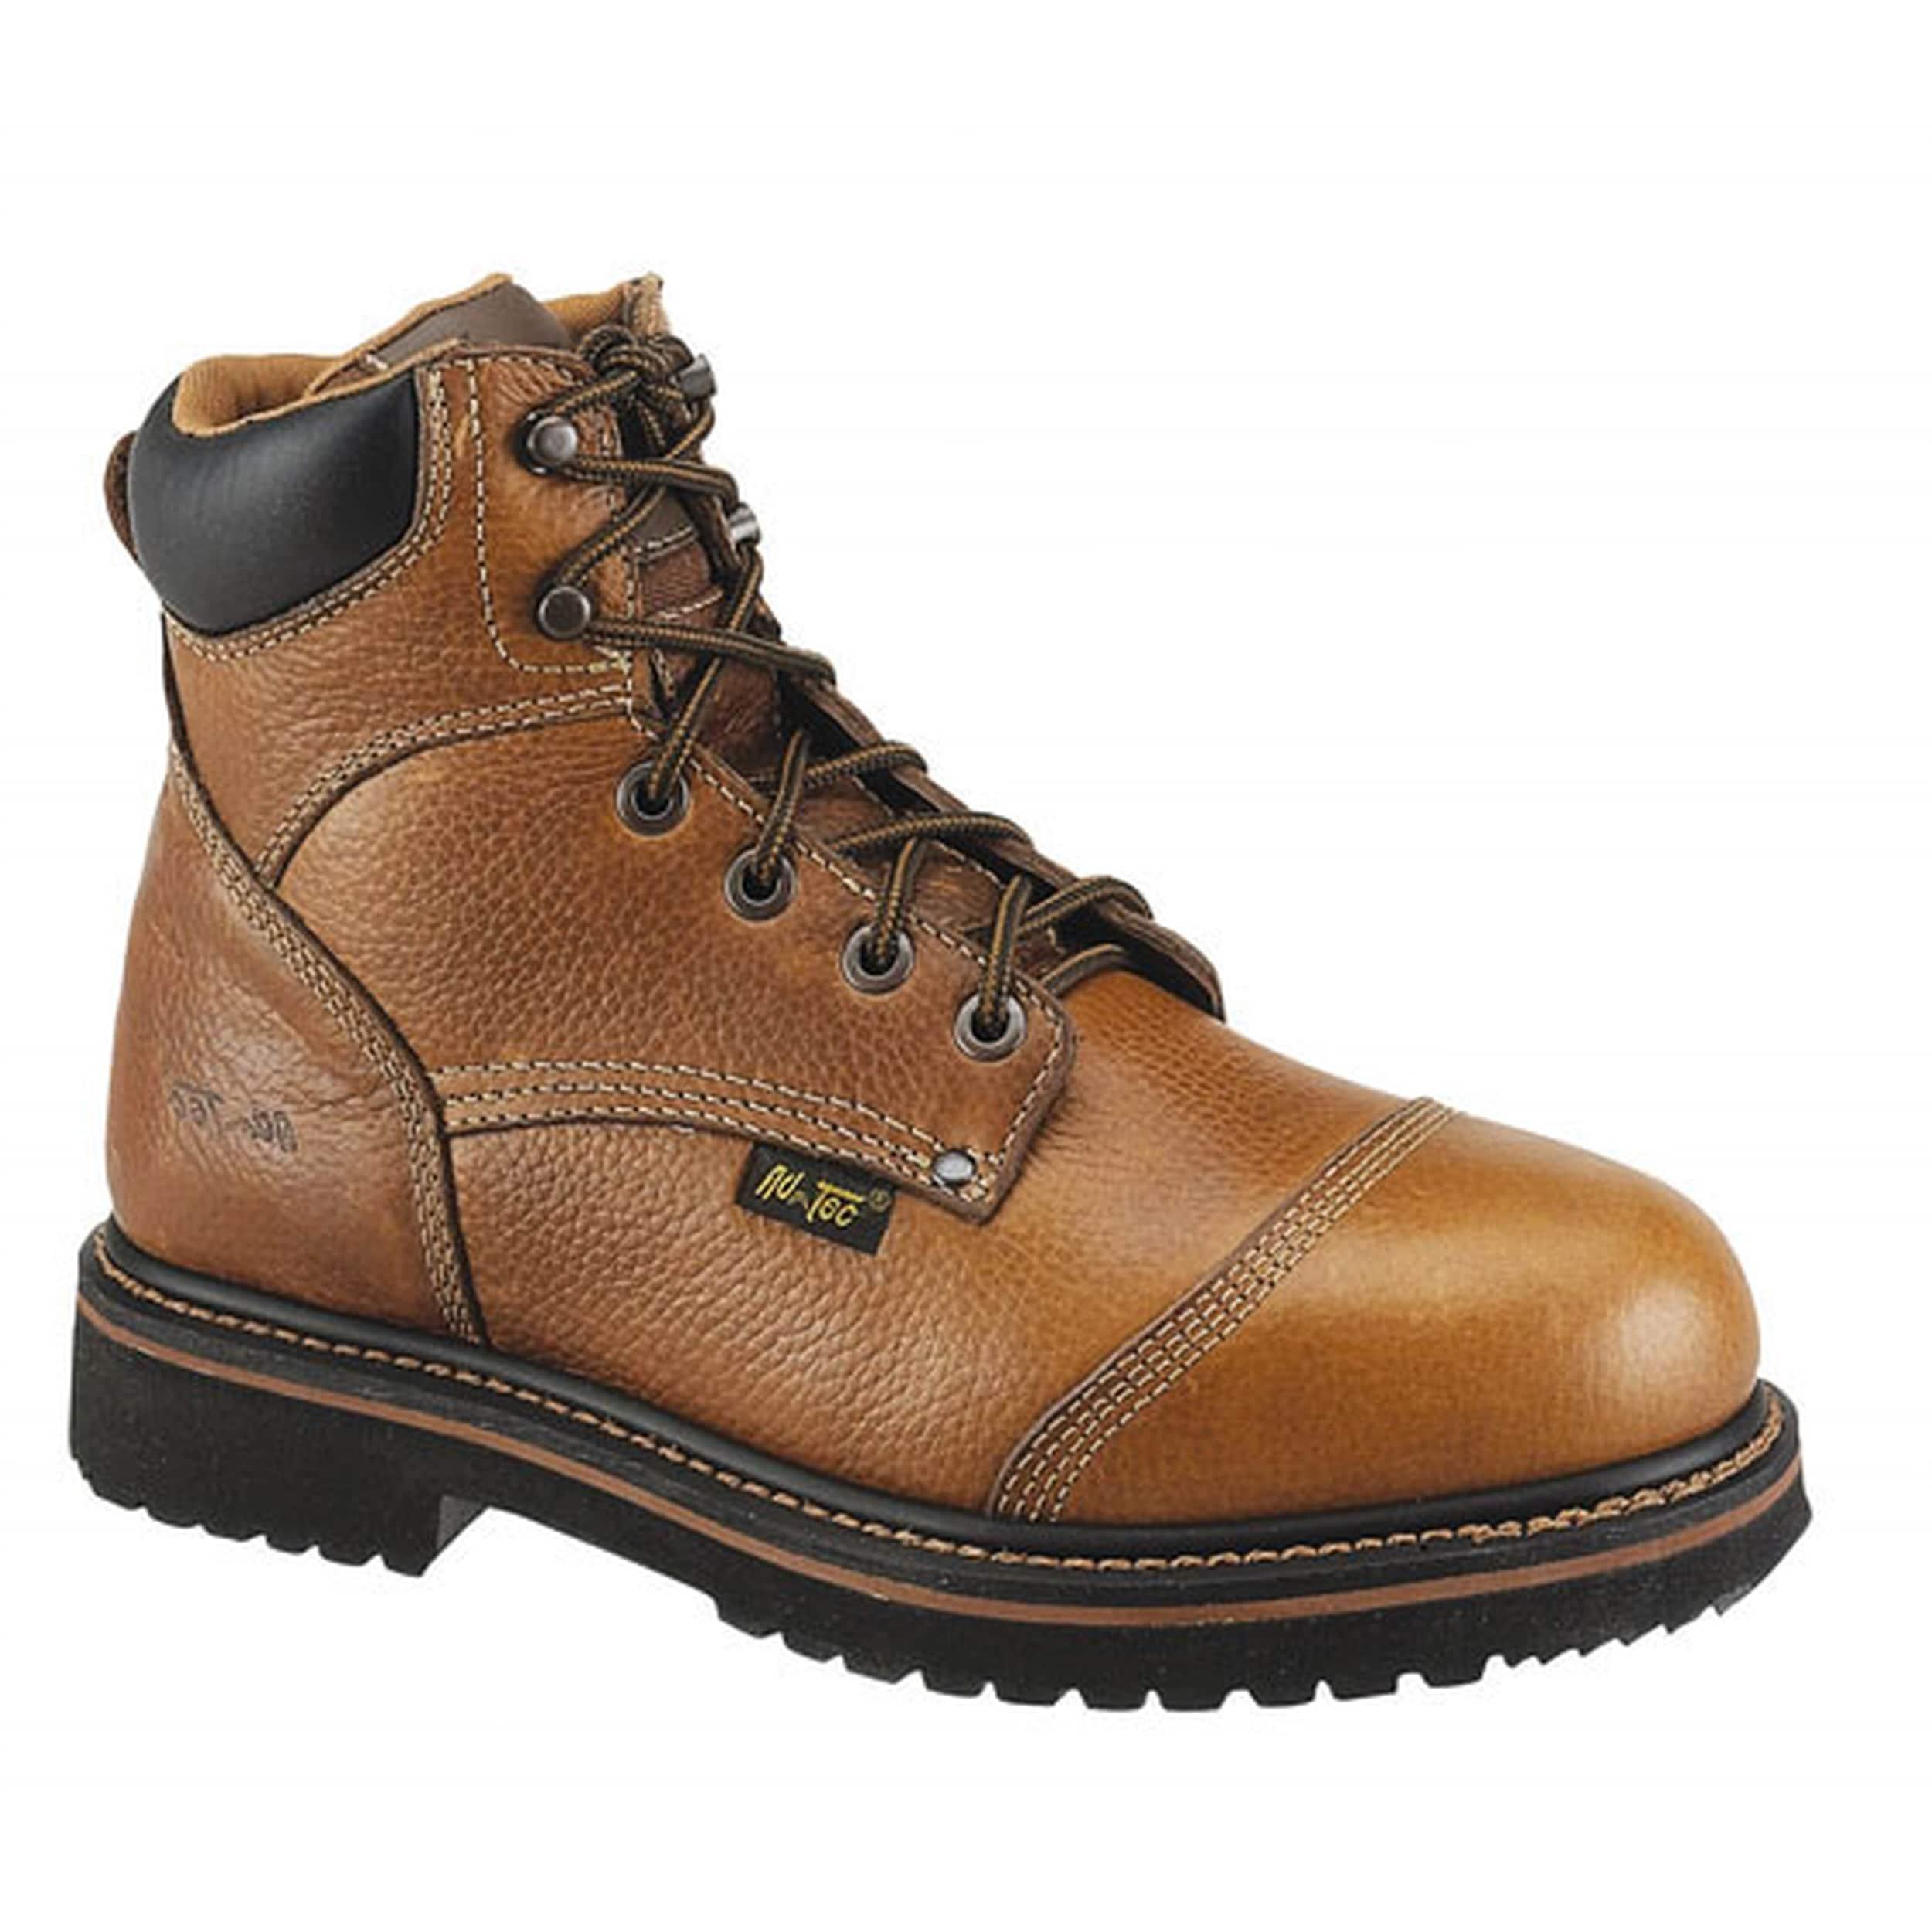 AdTec Men's Leather Comfort Work Boots